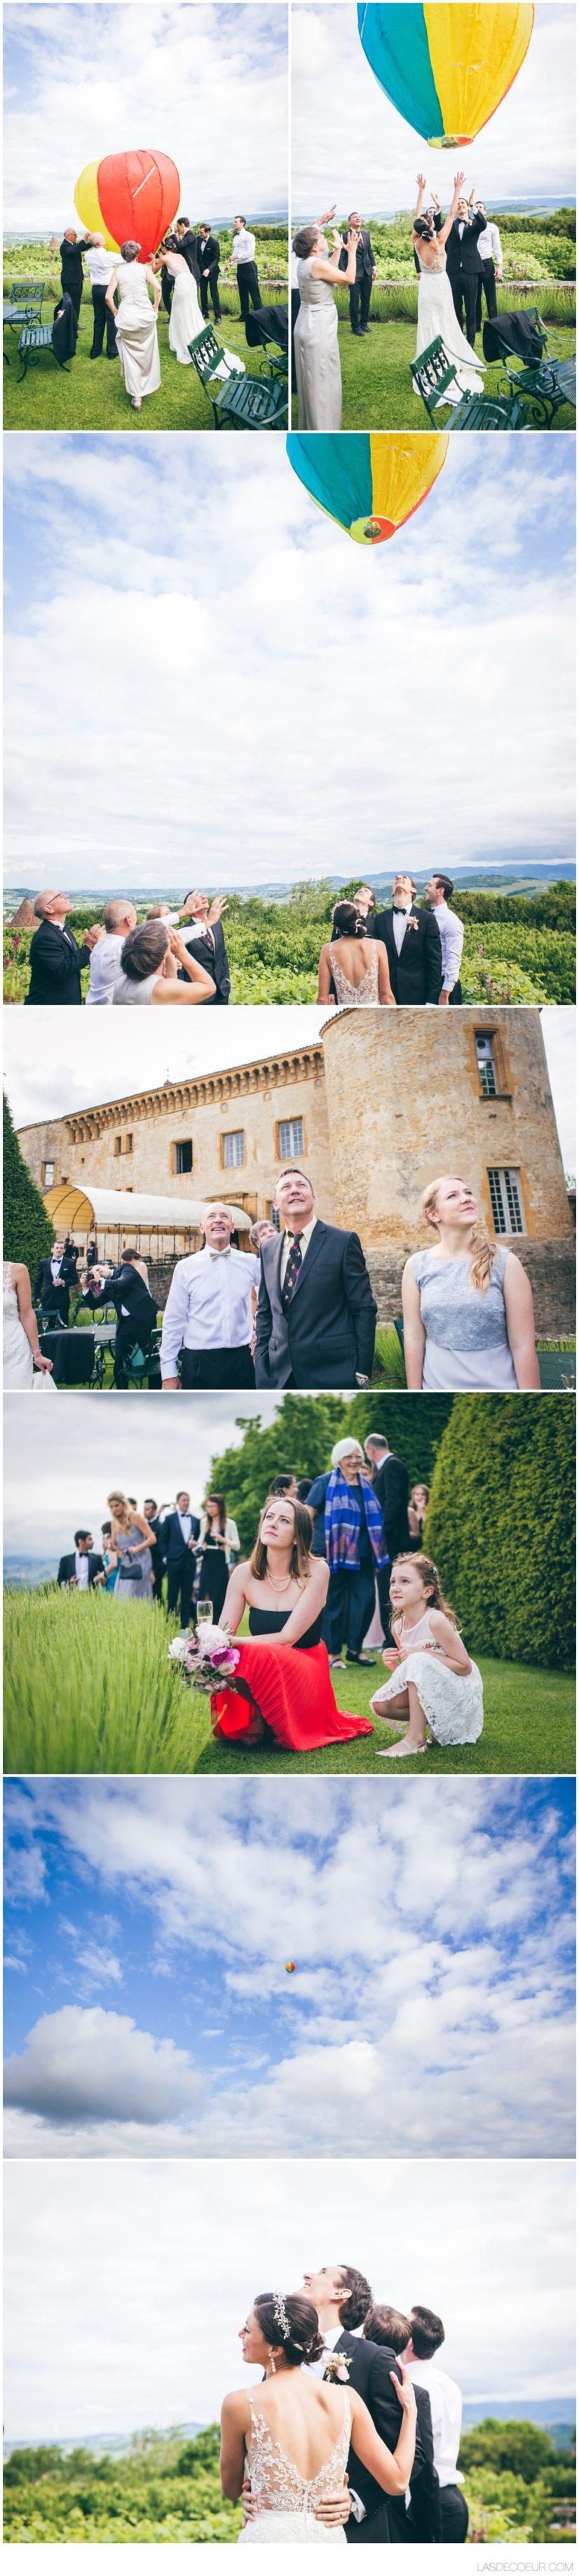 Photographe et vidéaste mariage Lyon lâché de ballon ©lasdecoeur